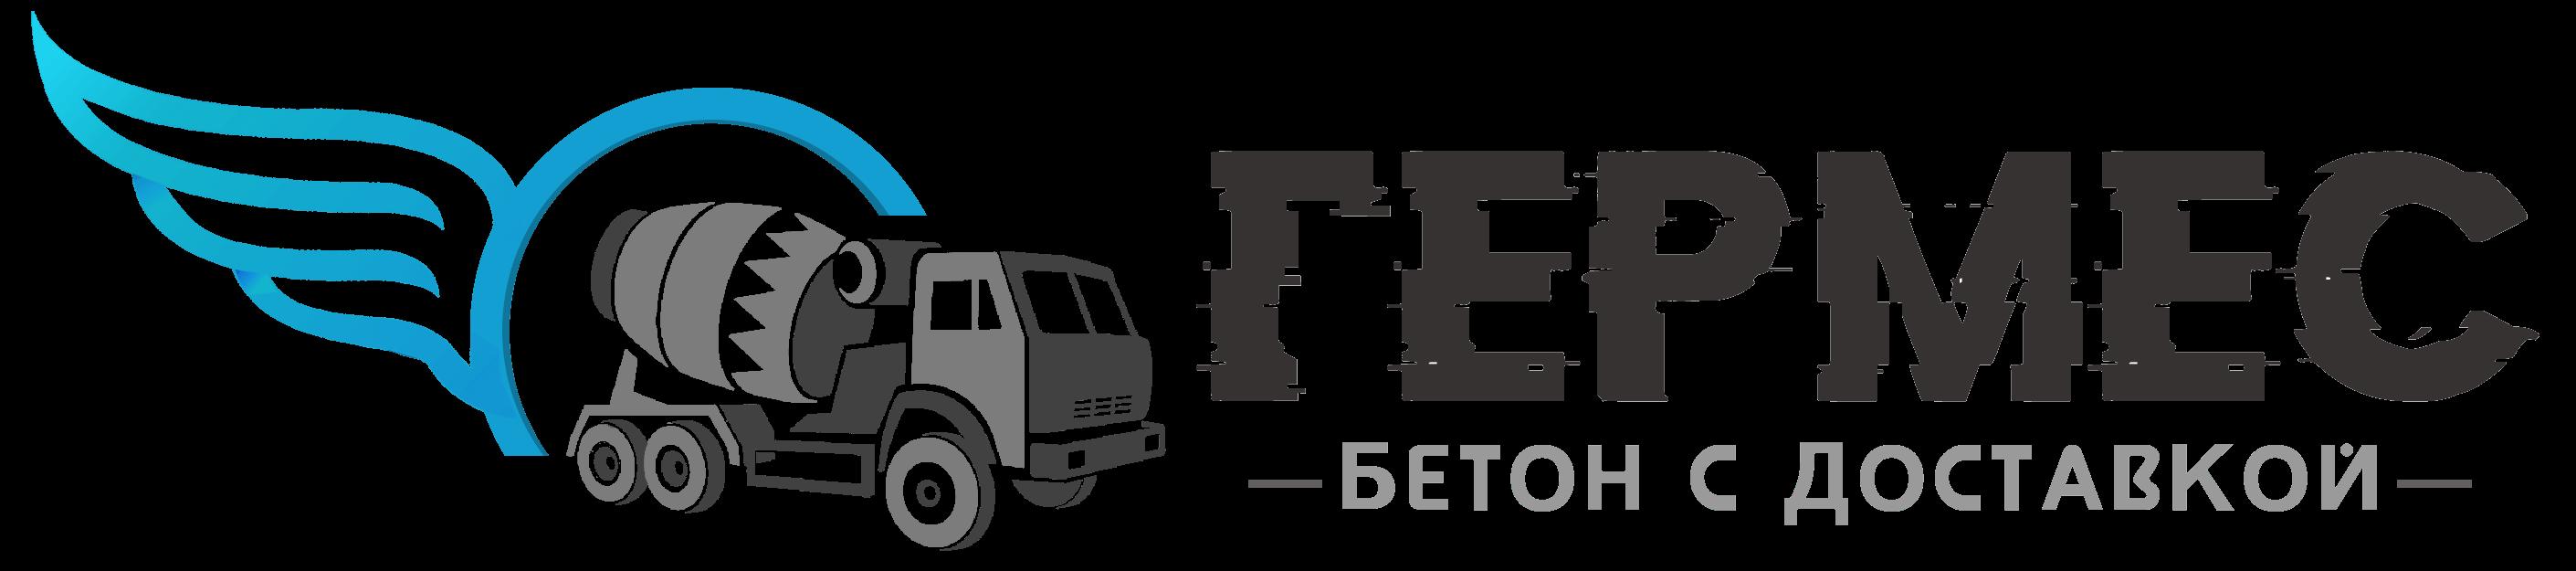 купить бетон в белгороде цена с доставкой